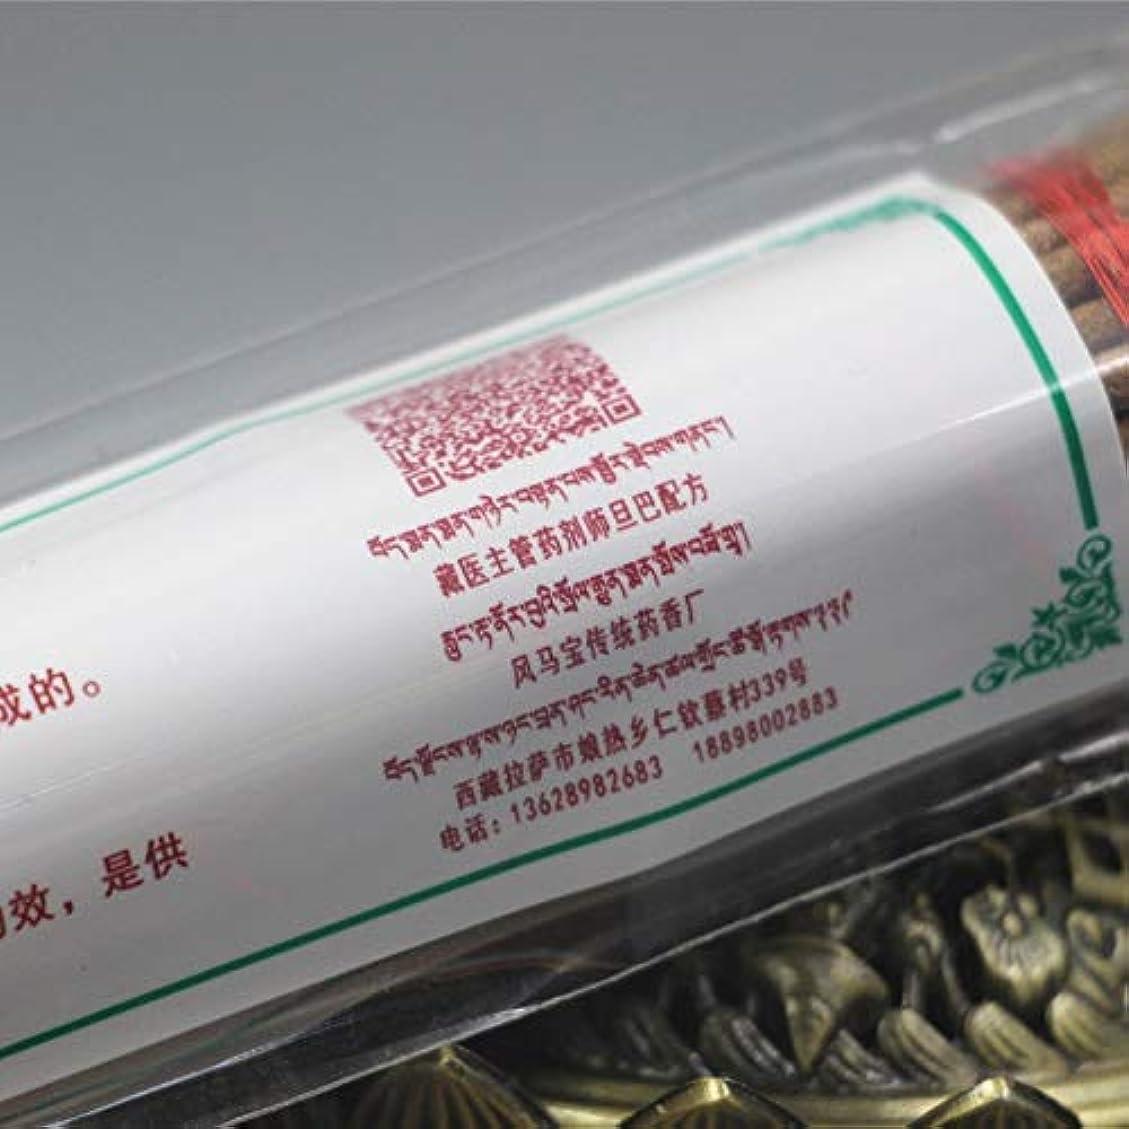 すでに蒸気移動Diatems - 沈香の宝物チベットのお香チベット手作りの純粋な植物自然医学の香りの家の38人のフレーバーがスリープアロマ香の助けを落ち着かせます